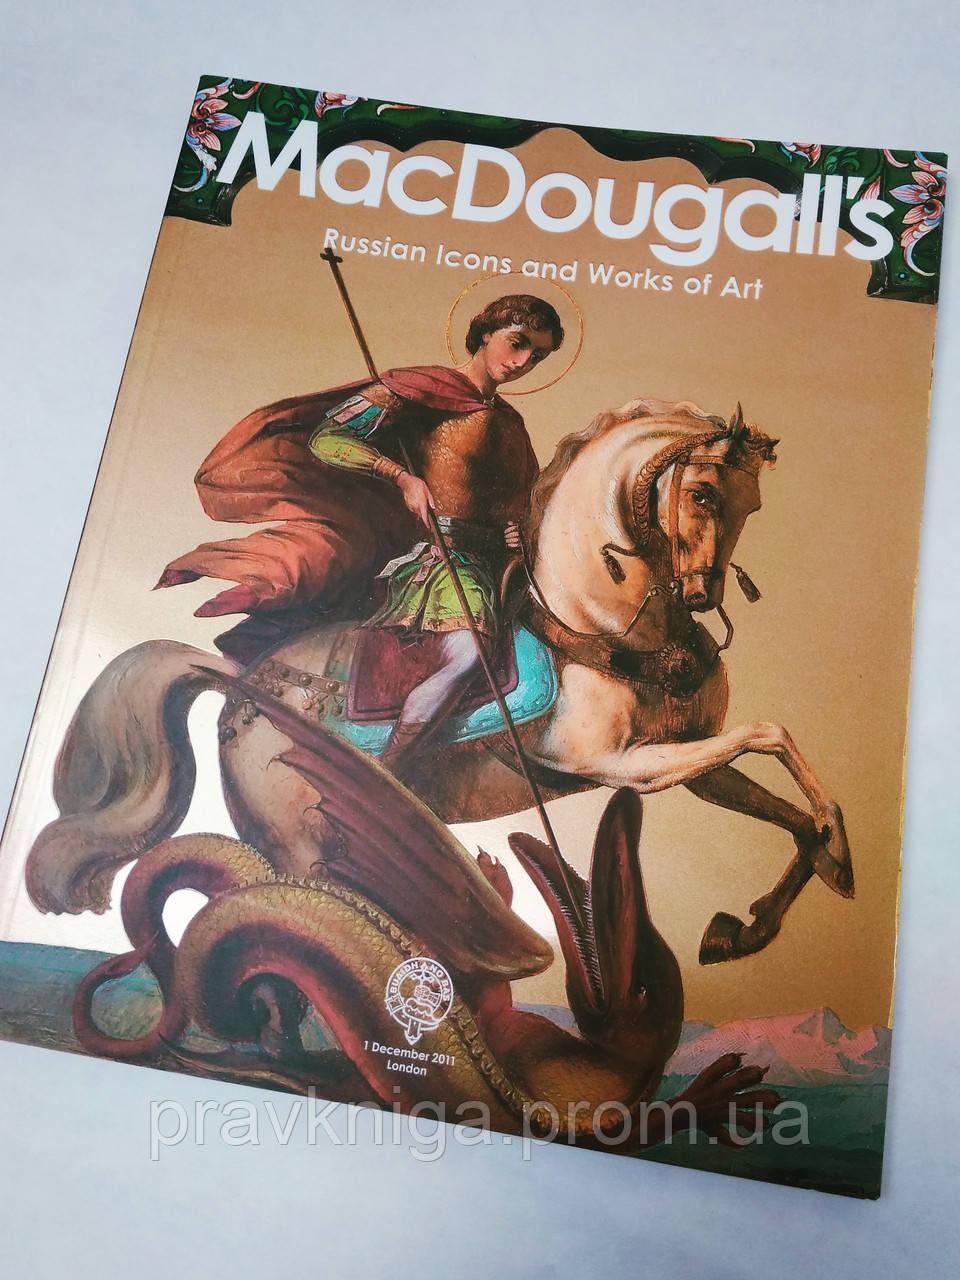 MacDougalls Альбом-Каталог аукционный русских икон и произведений декоративно- прикладного искусства.